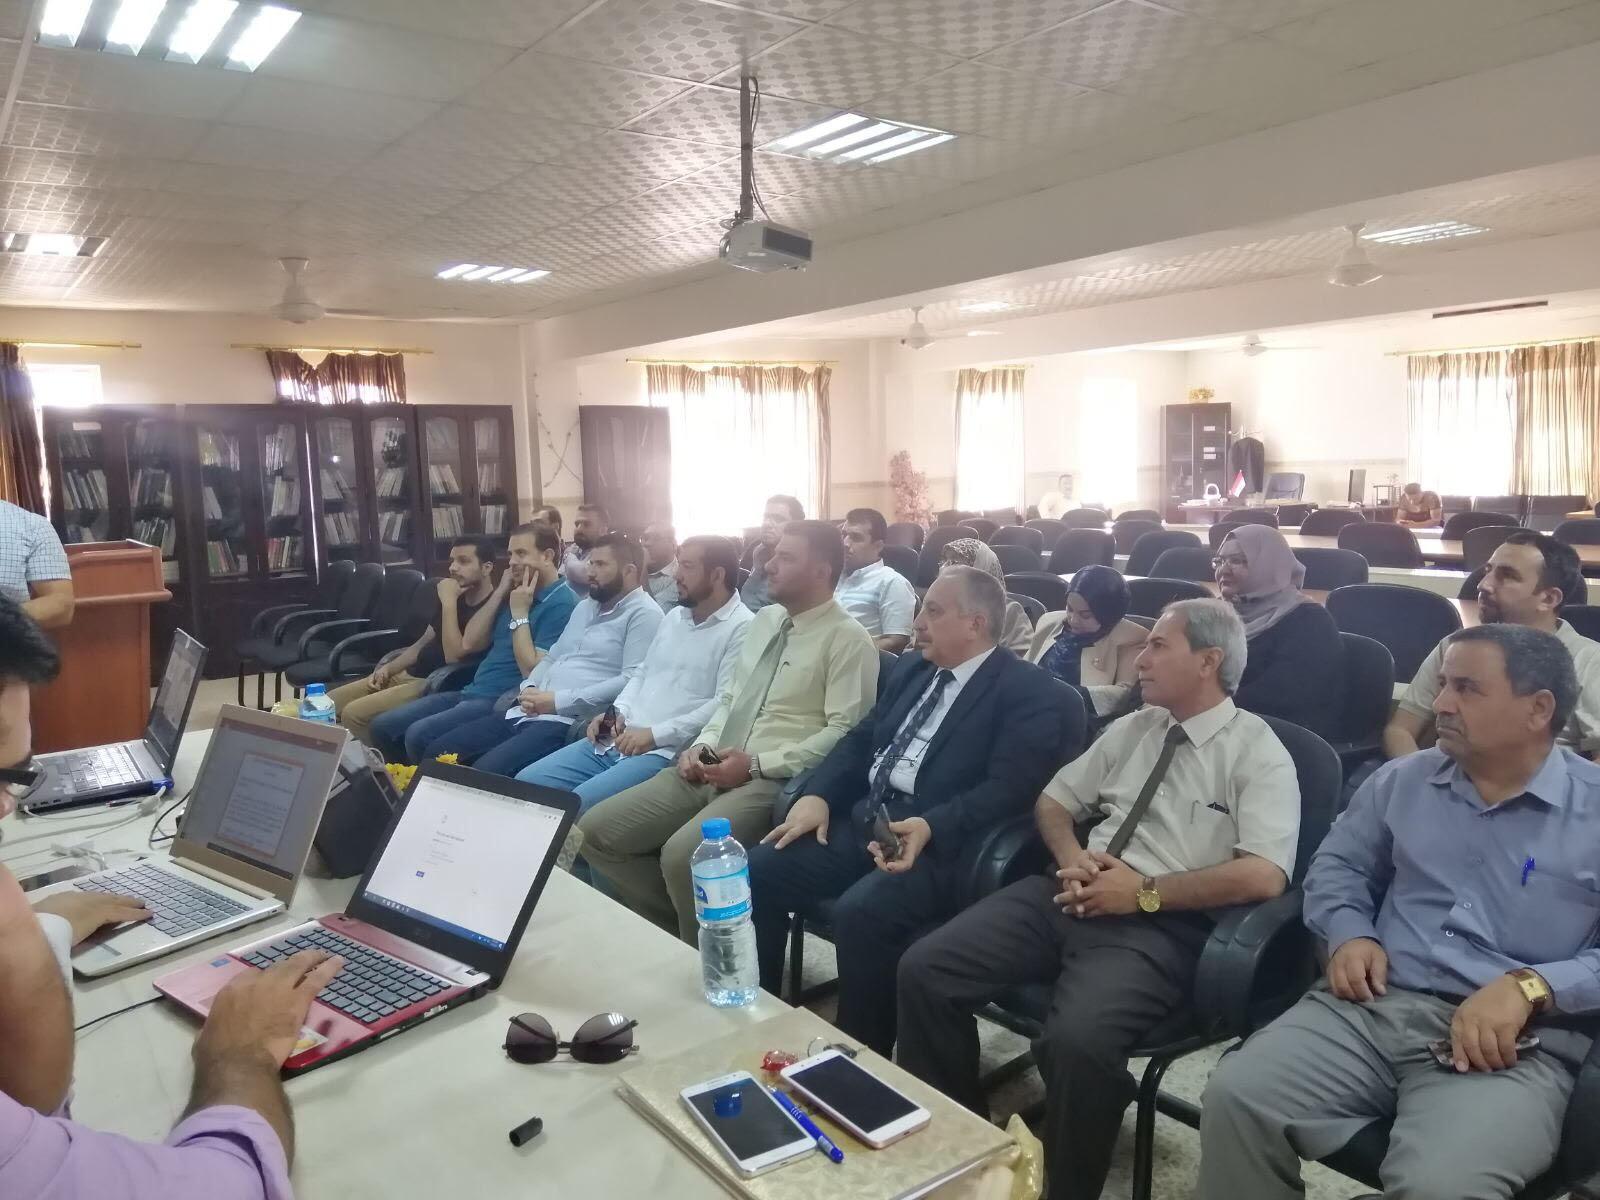 ورشة عمل / الجامعة التقنية الشمالية /الكلية التقنية الادارية الموصل